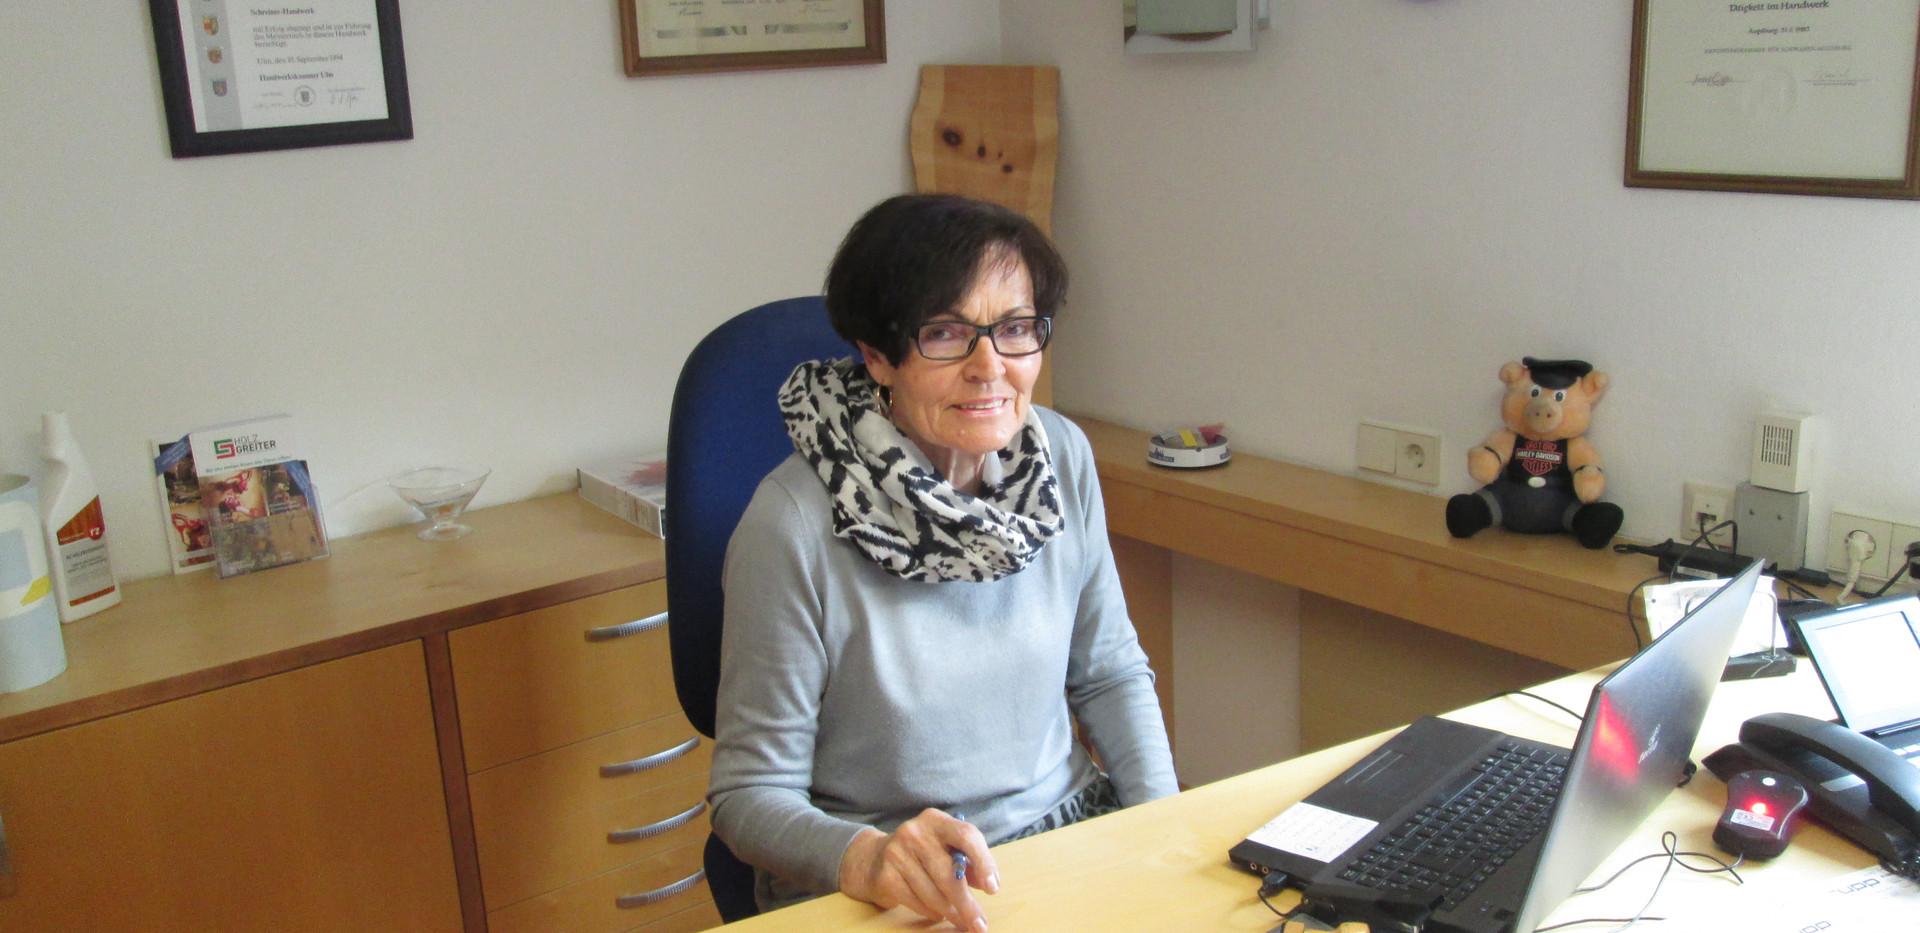 Gisela Rupp